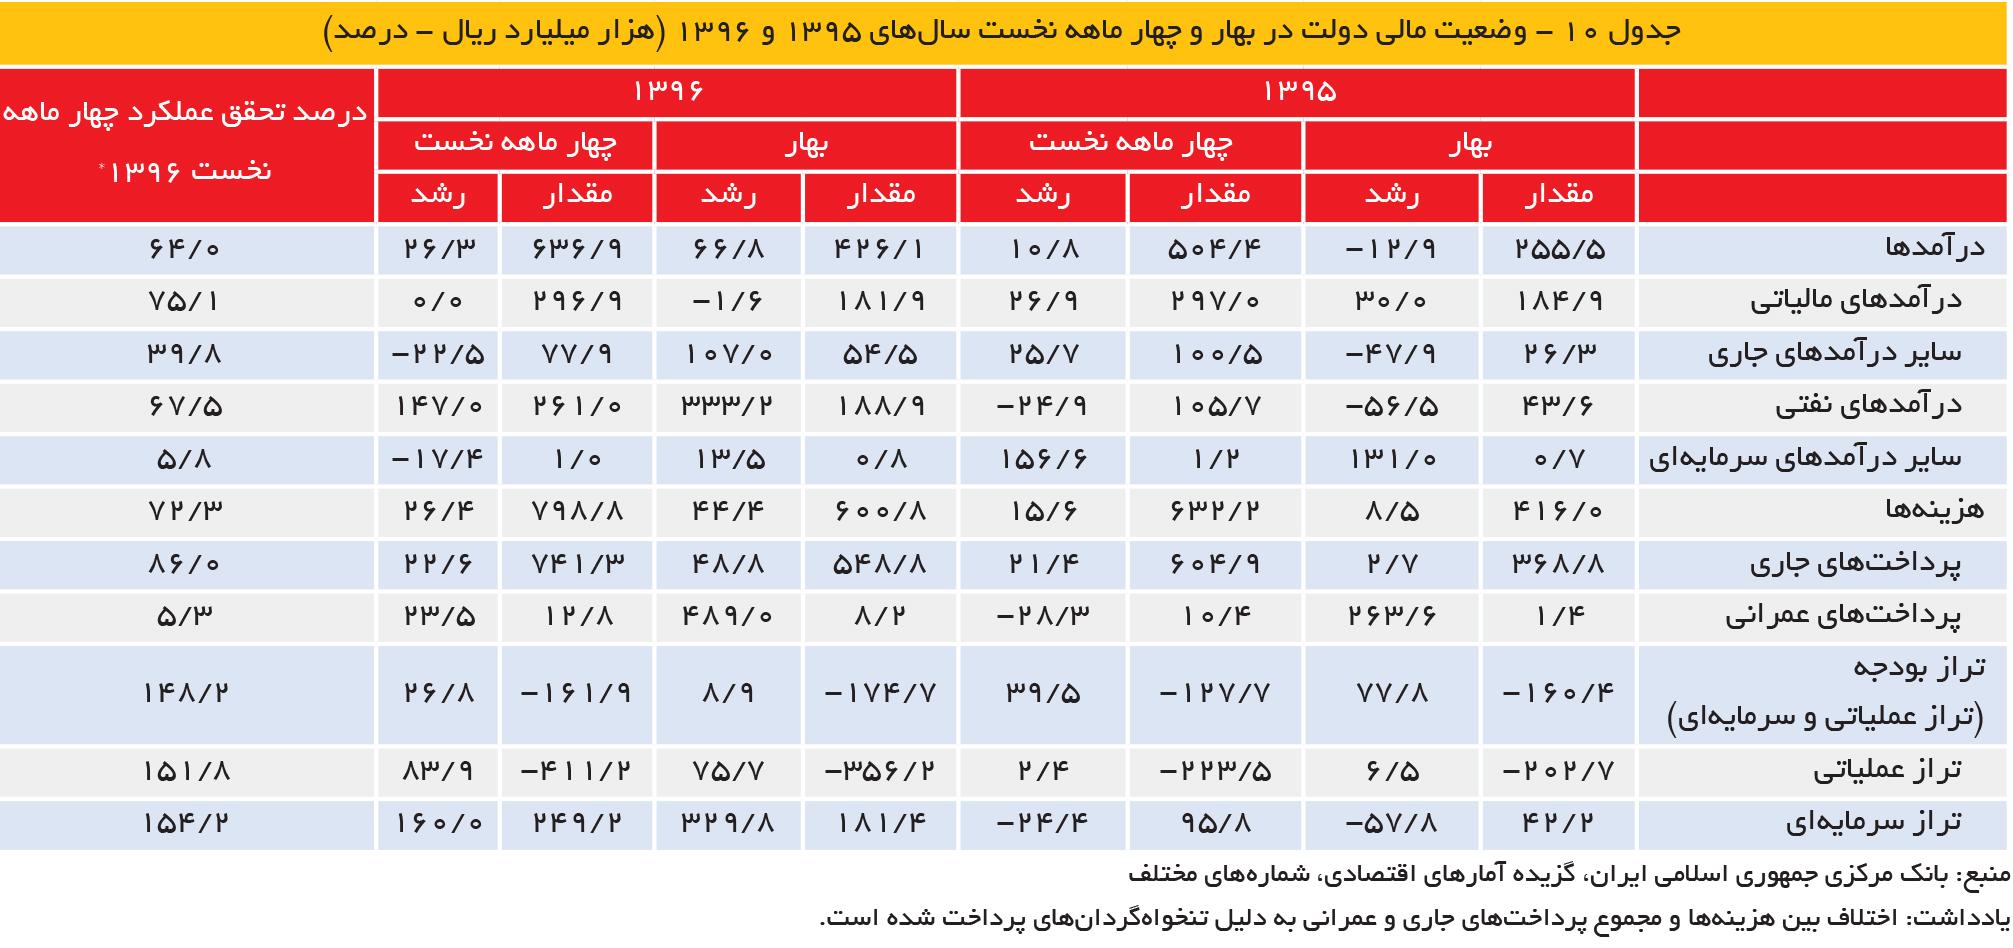 تجارت فردا-  وضعیت مالی دولت در بهار و چهار ماهه نخست سالهای ۱۳۹۵ و 1396 (هزار میلیارد ریال - درصد)